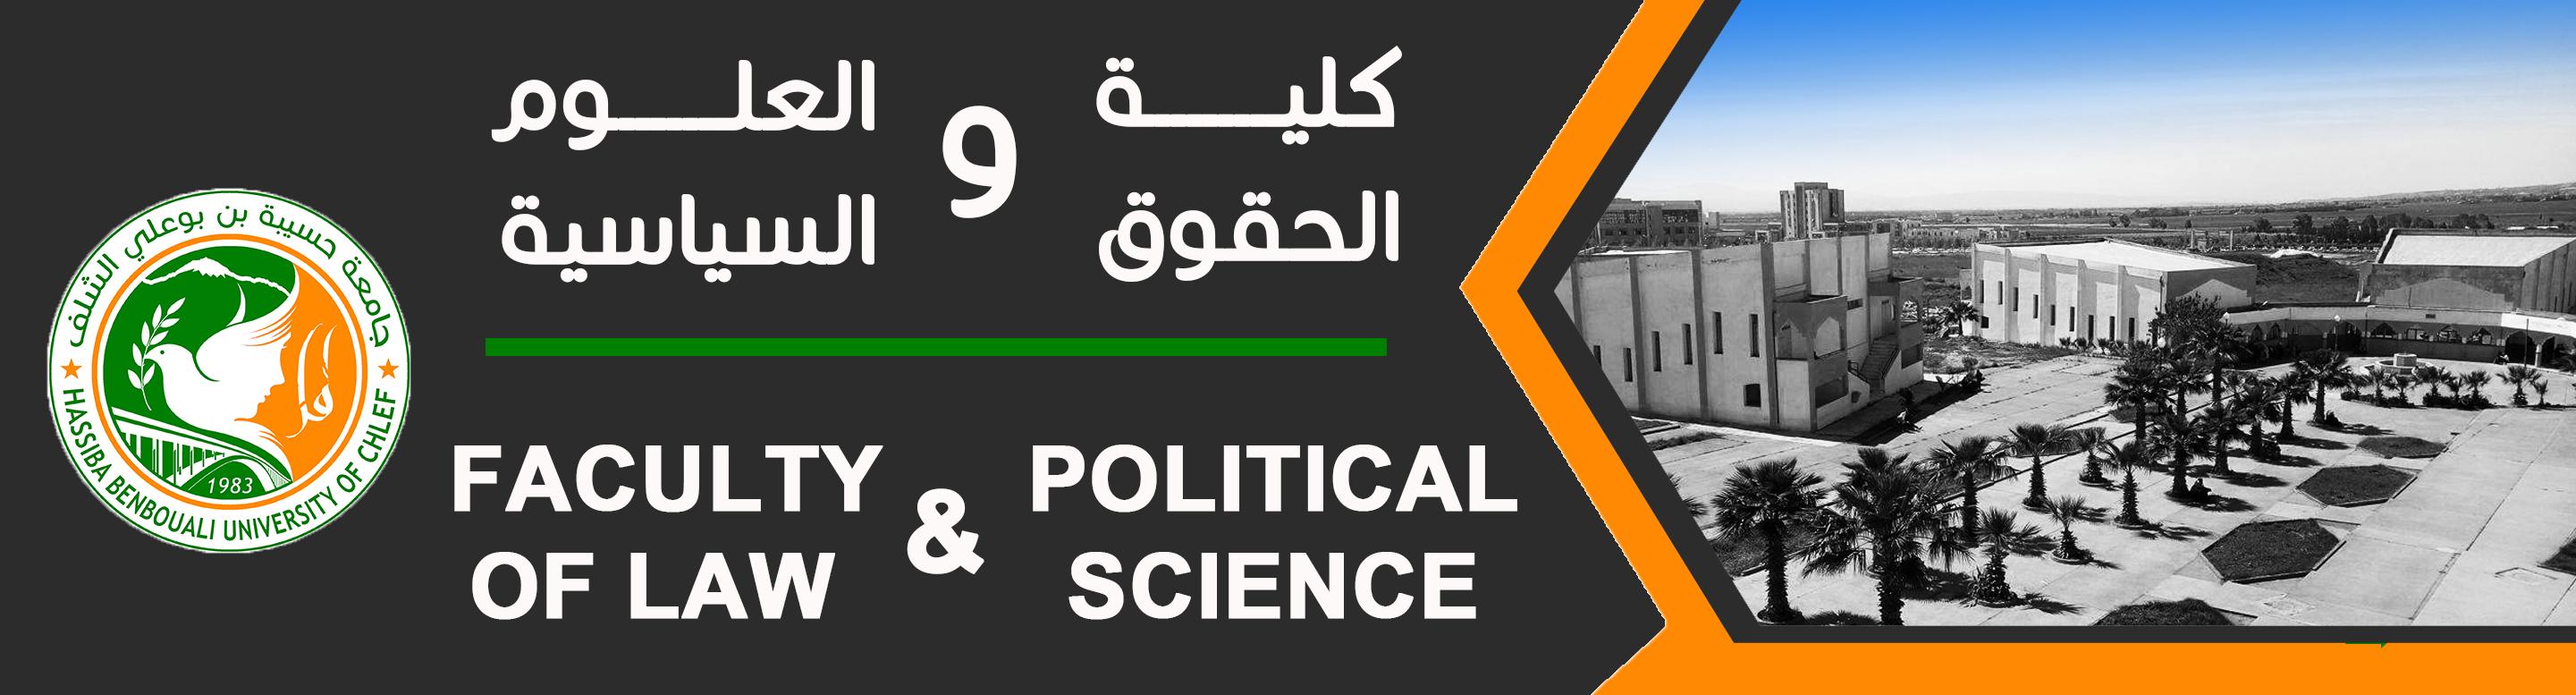 كلية الحقوق و العلوم السياسية